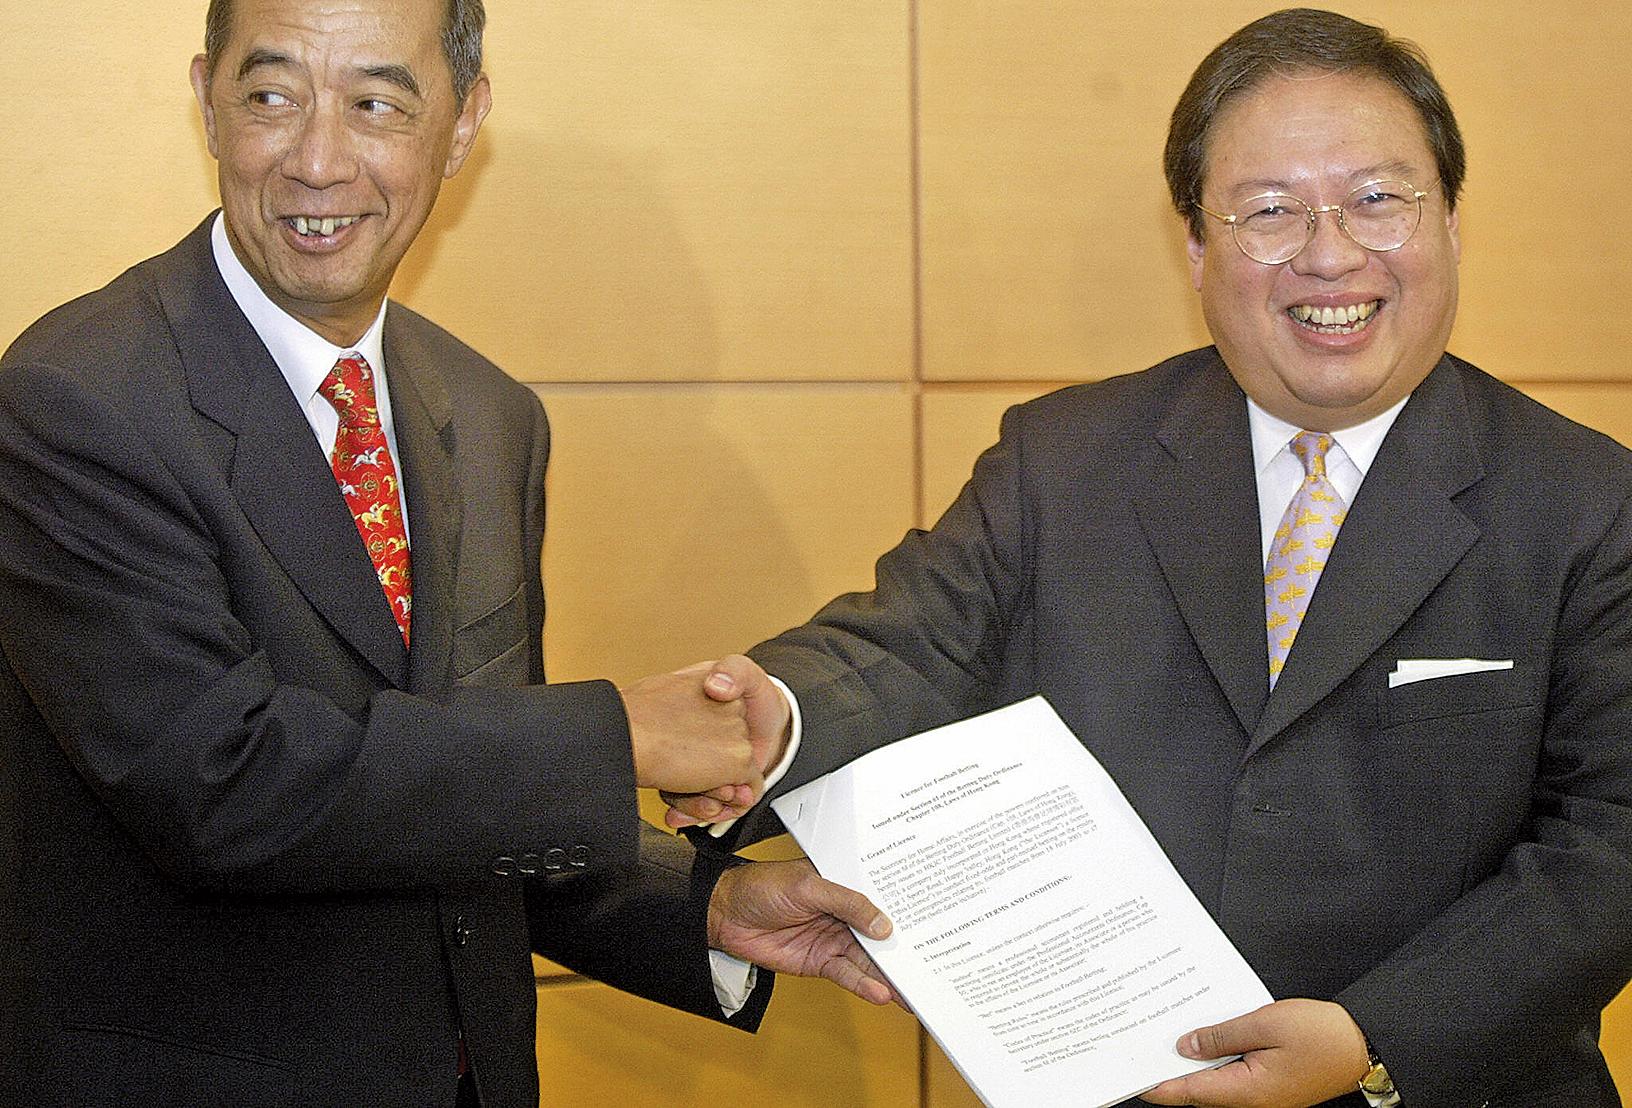 前香港高官何志平因涉嫌跨國賄賂於11月18日在紐約被美國司法部逮捕。圖為何志平(右)任香港民政事務局局長時頒發博綵牌照。(PETER PARKS/AFP/Getty Images)